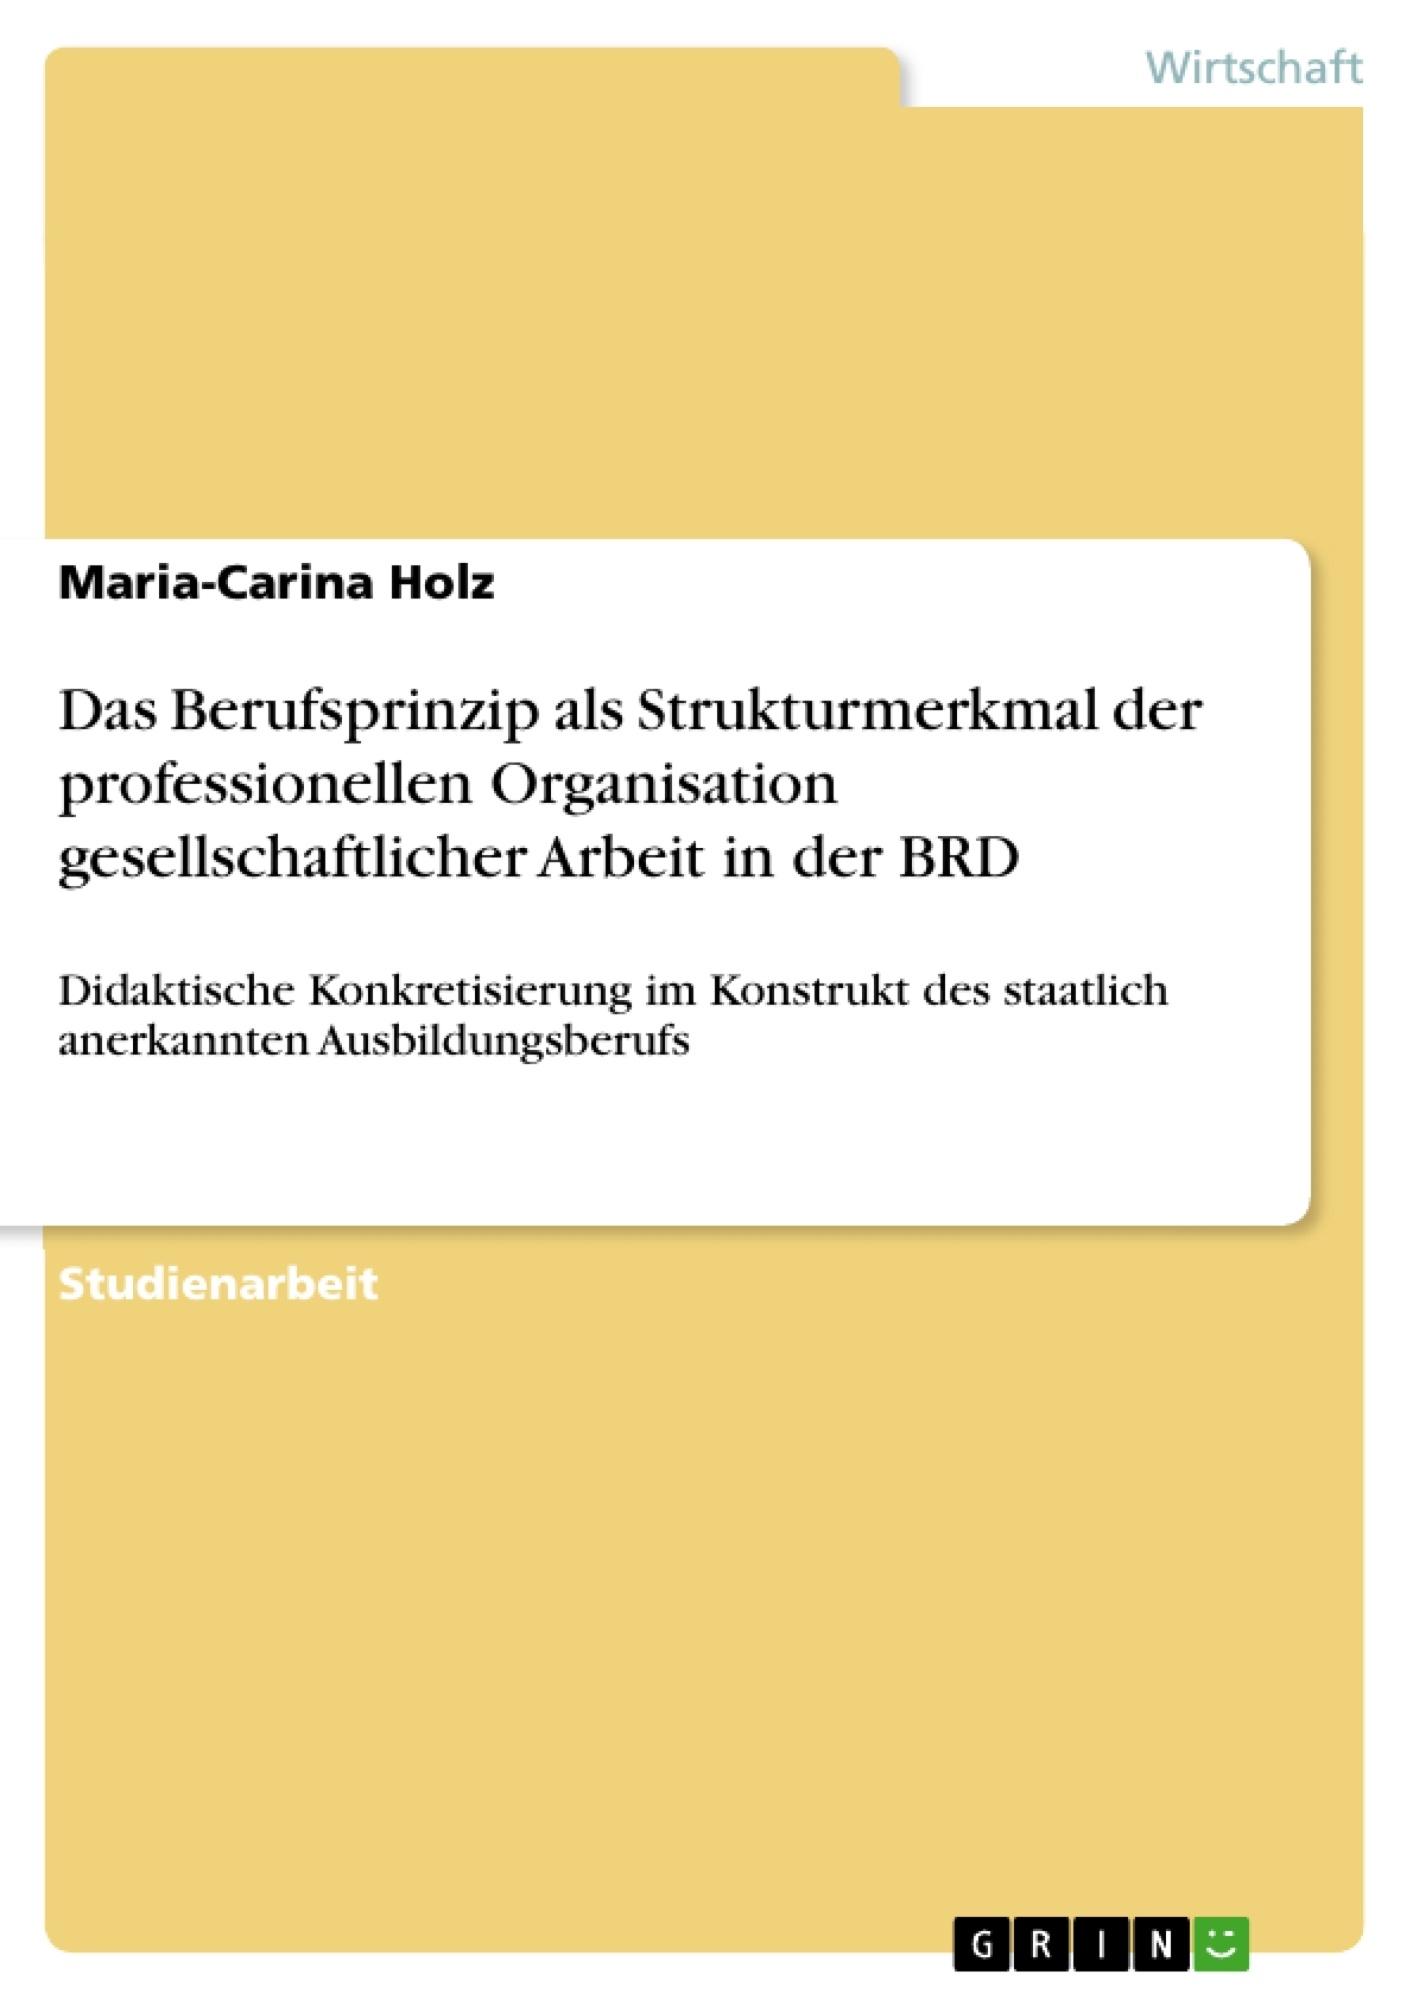 Titel: Das Berufsprinzip als Strukturmerkmal der professionellen Organisation gesellschaftlicher Arbeit in der BRD